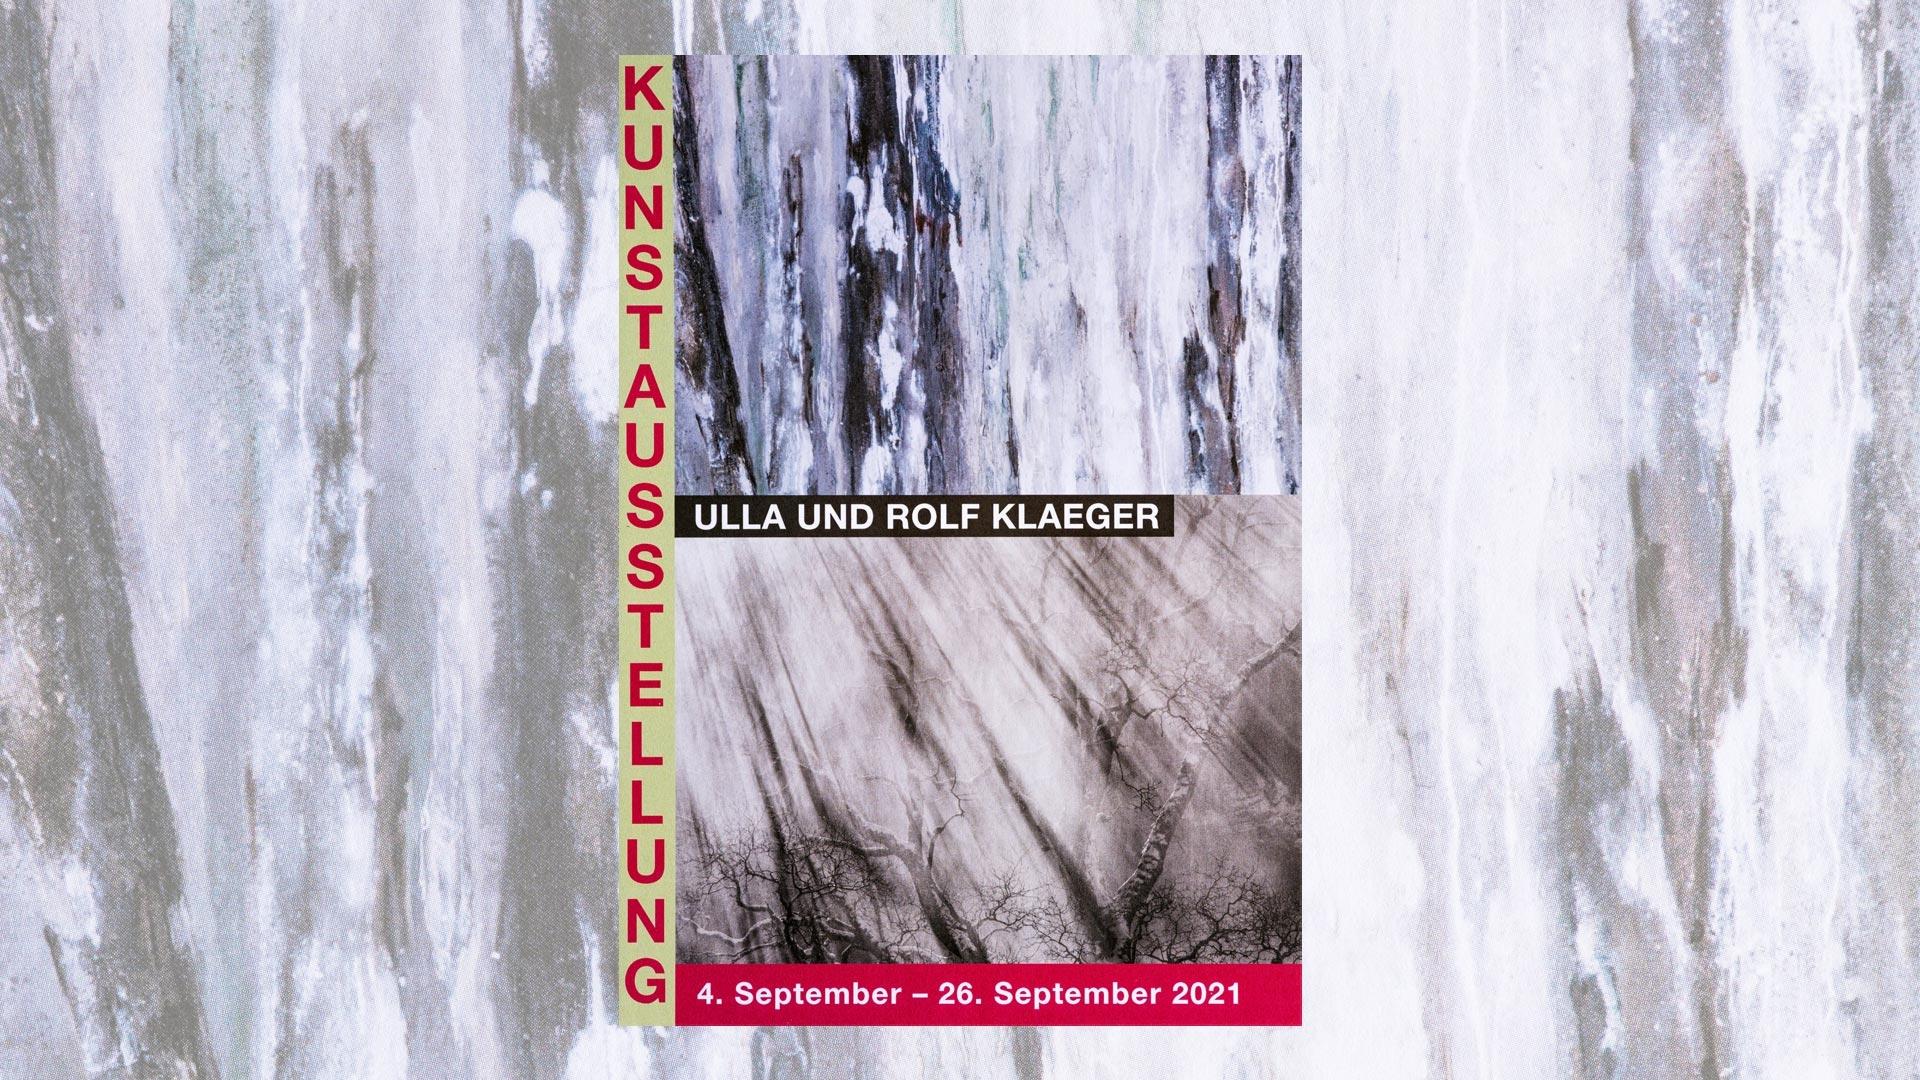 Gallerie Kunstsammlung Unterseen Ausstellung Ulla und Rolf Klaeger